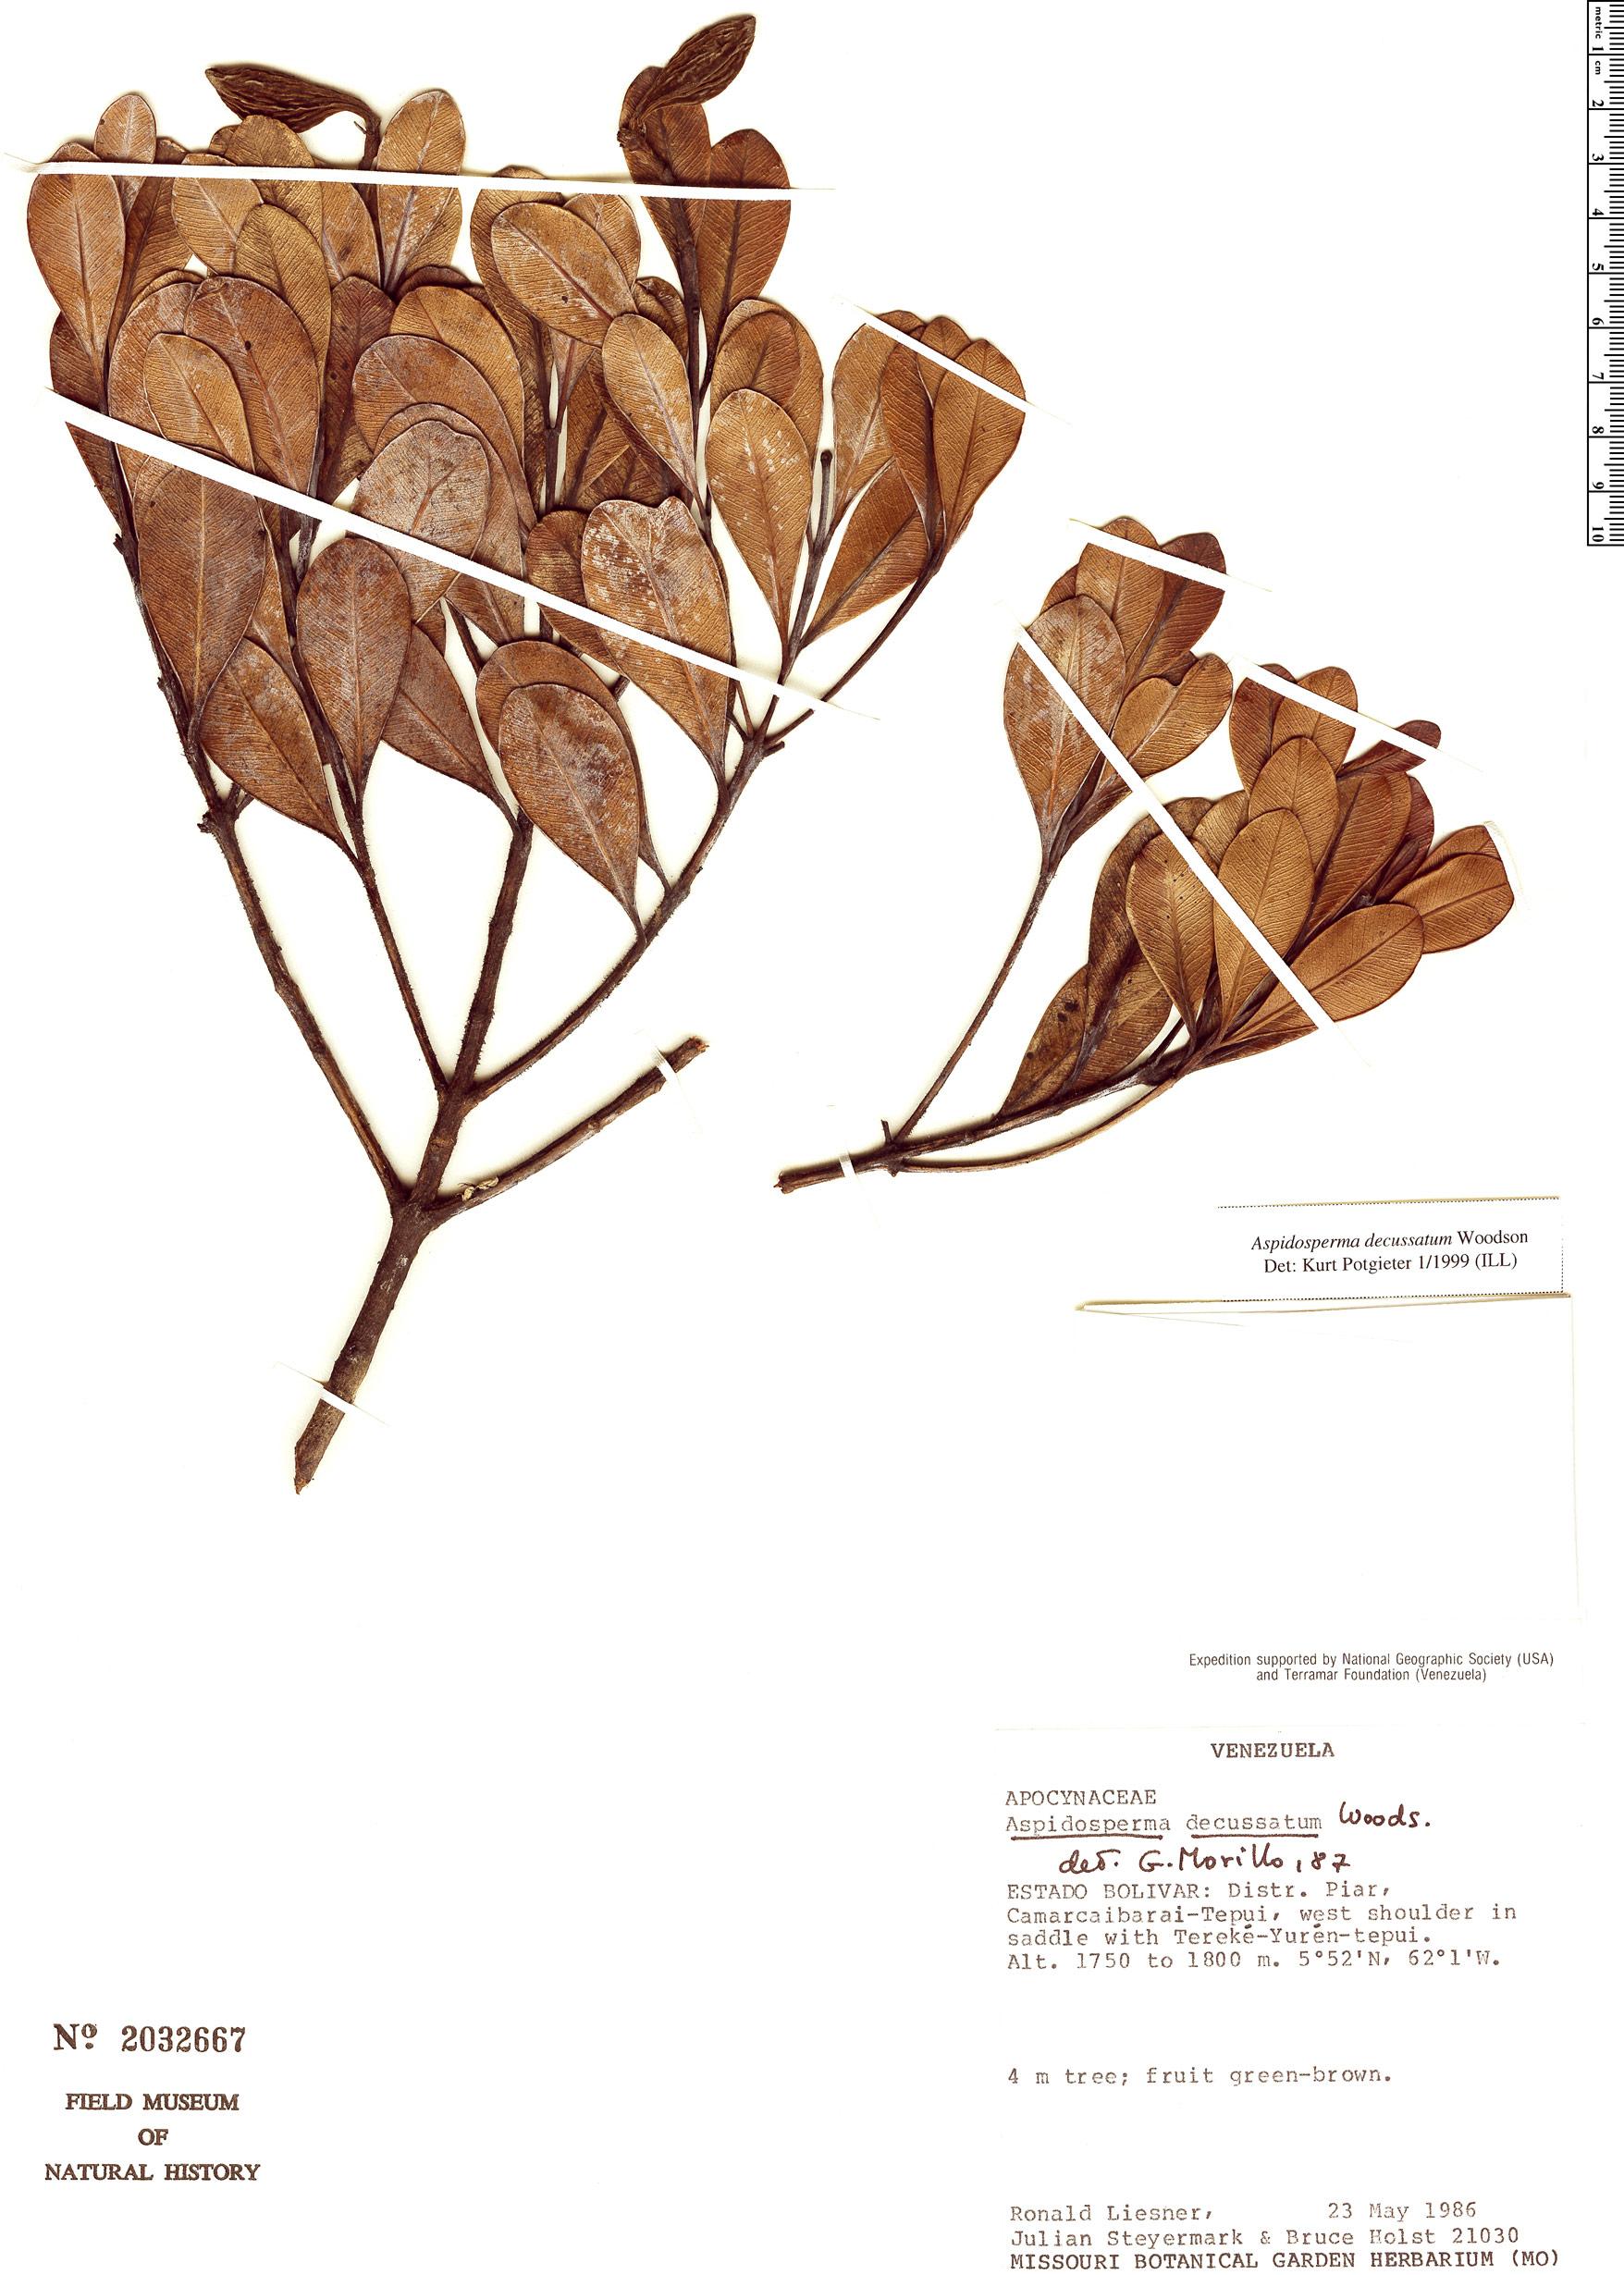 Specimen: Aspidosperma decussatum